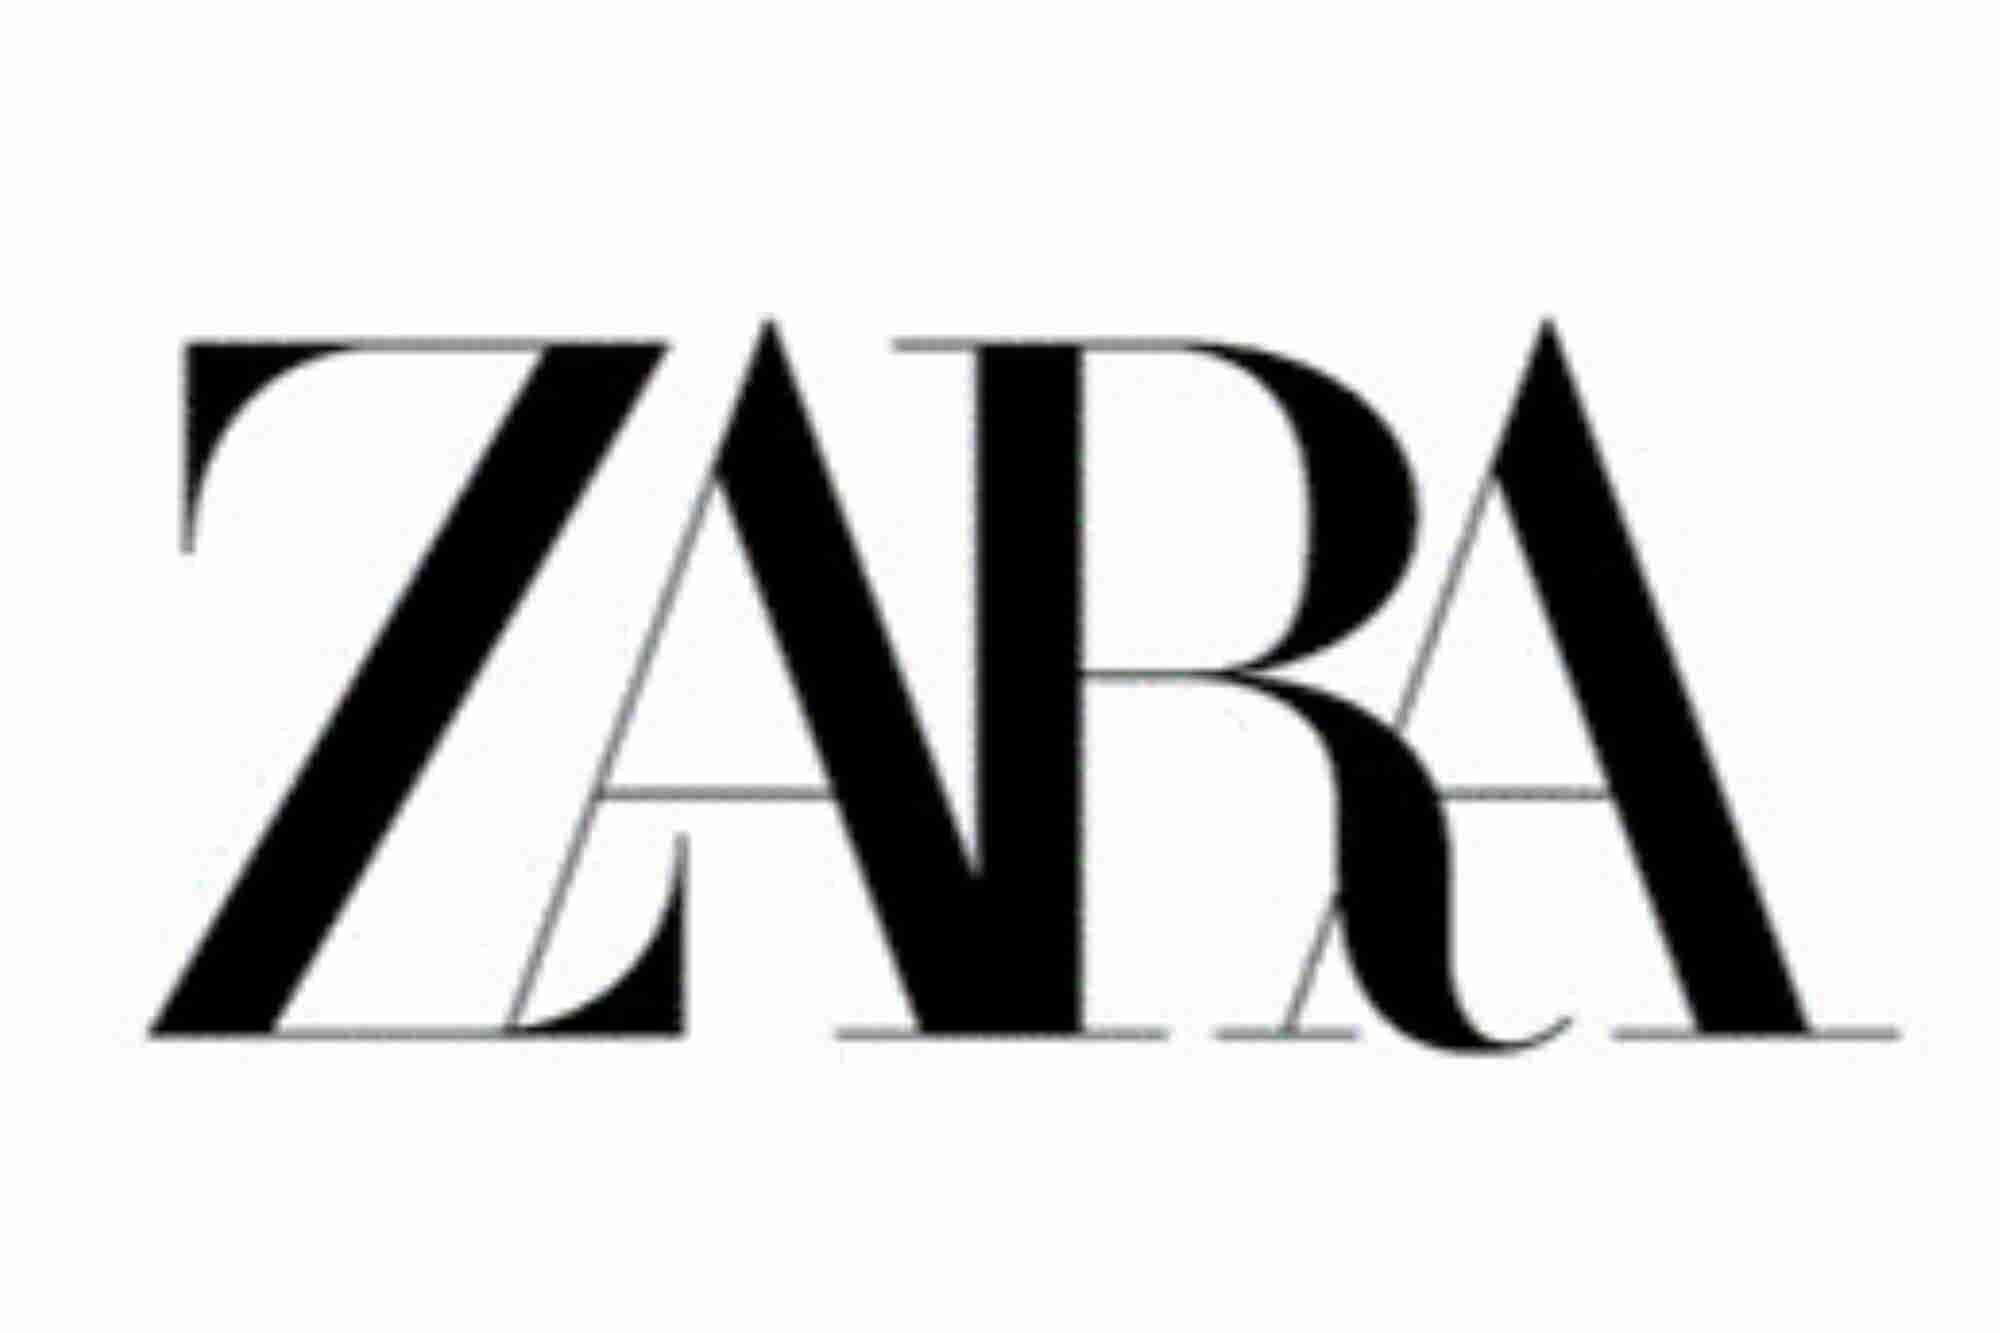 Zara cambia su logo y genera memes en redes sociales